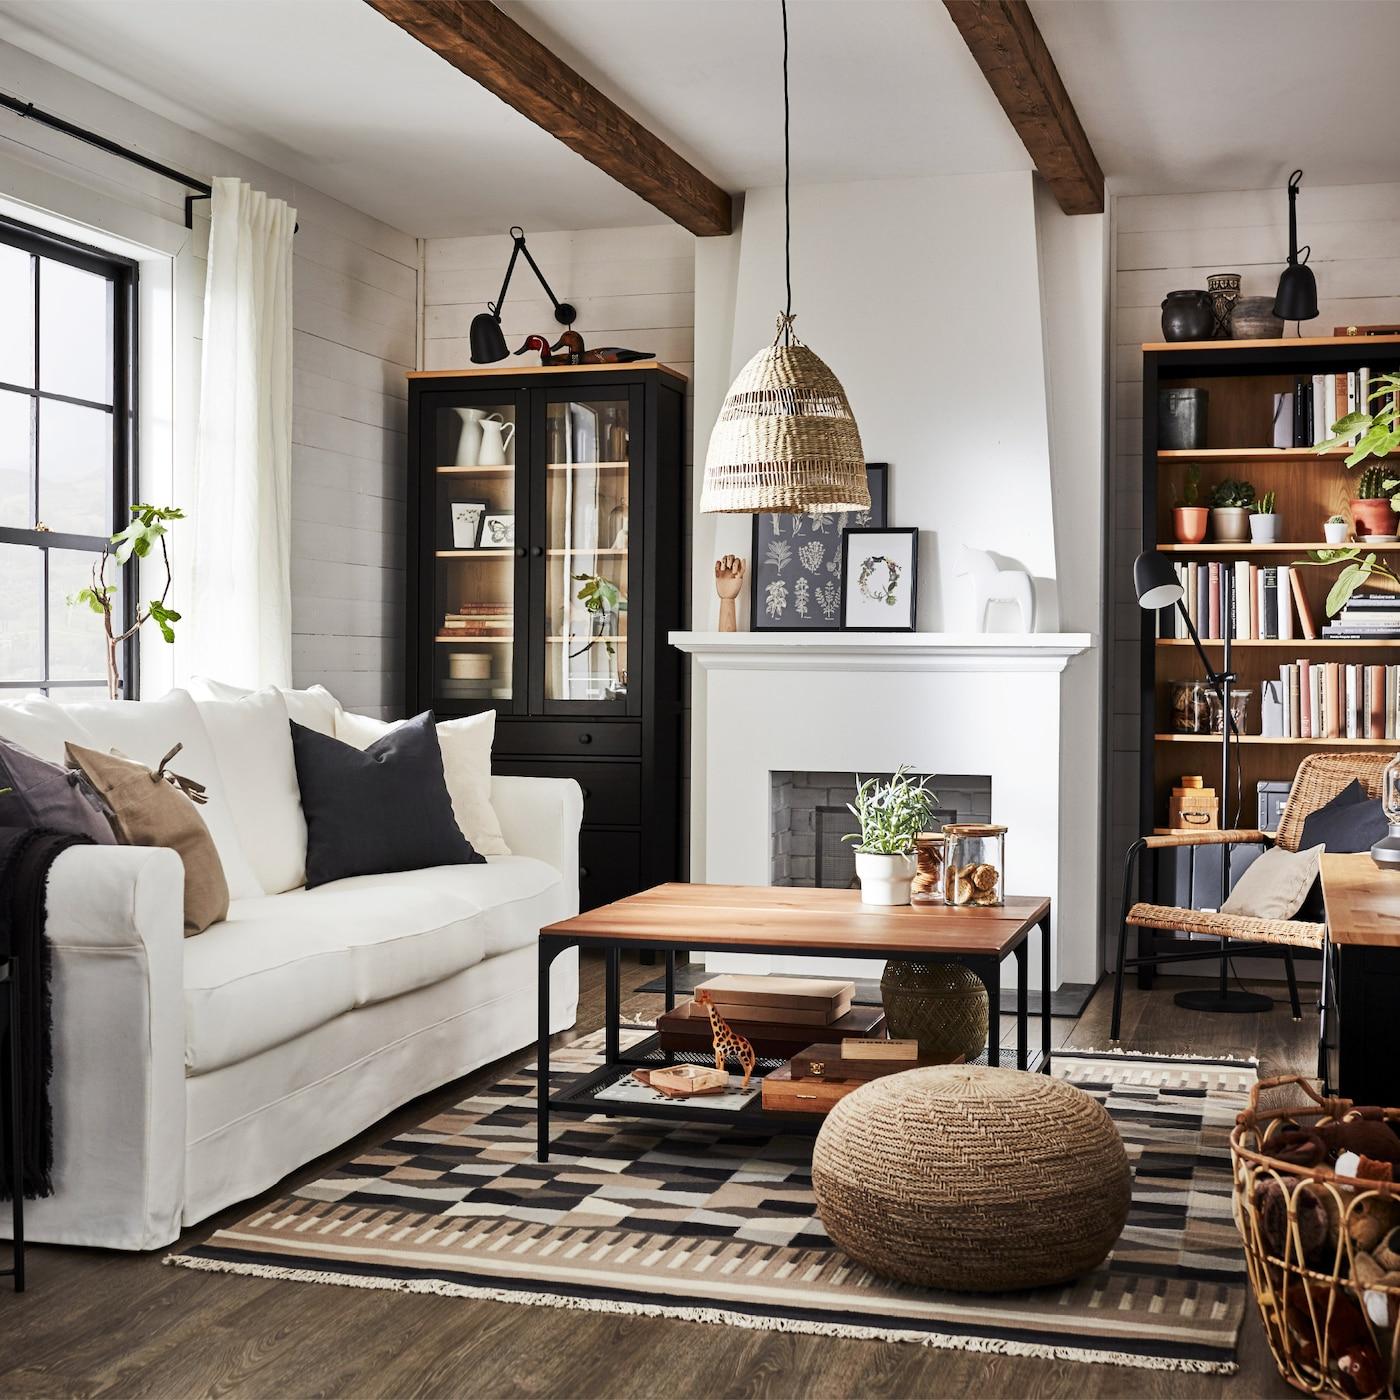 Traditionellt vardagsrum med bokhylla och tv-bänk i svartbrunt/massiv furu, vit soffa och ett vitrinskåp.